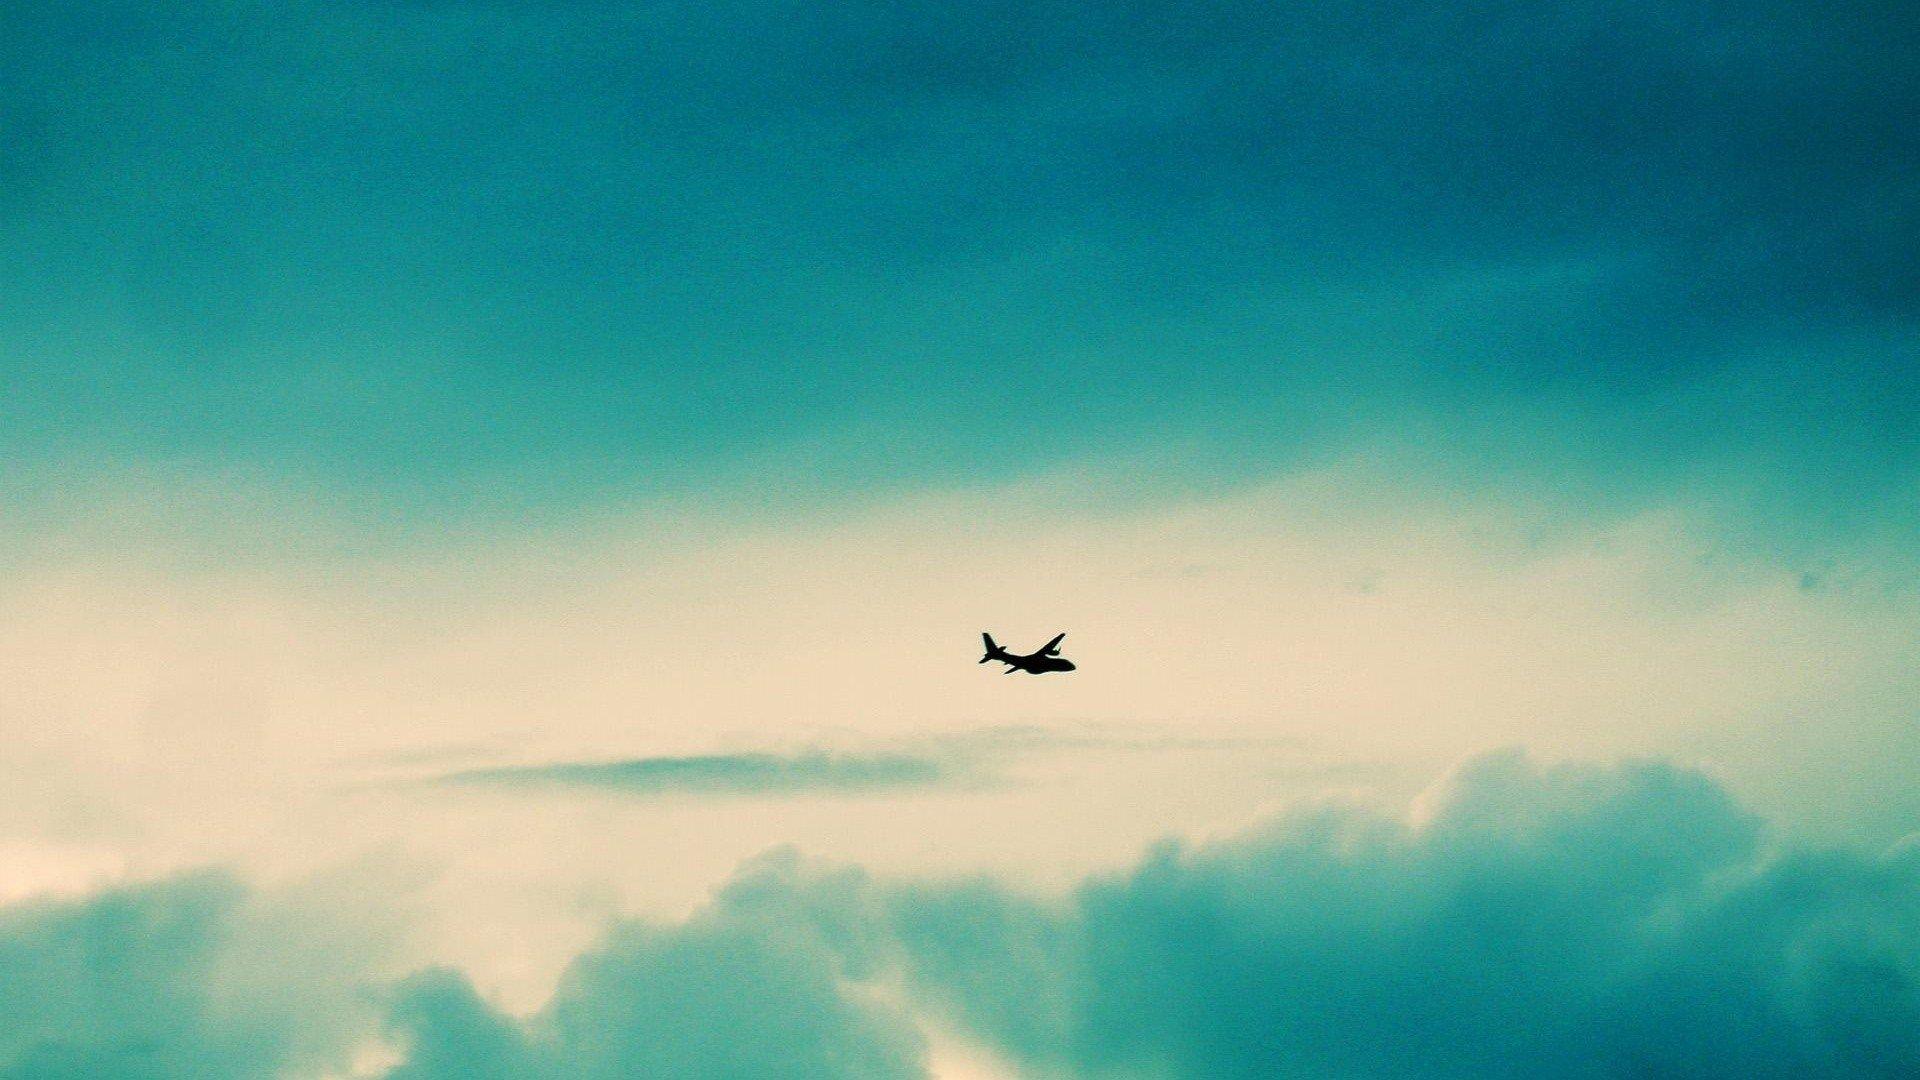 Aviation Wallpaper In 2019 Pinterest Aviation Airplane And Aircraft Aviation Wallp Airplane Wallpaper Airplane Photography Plane Wallpaper